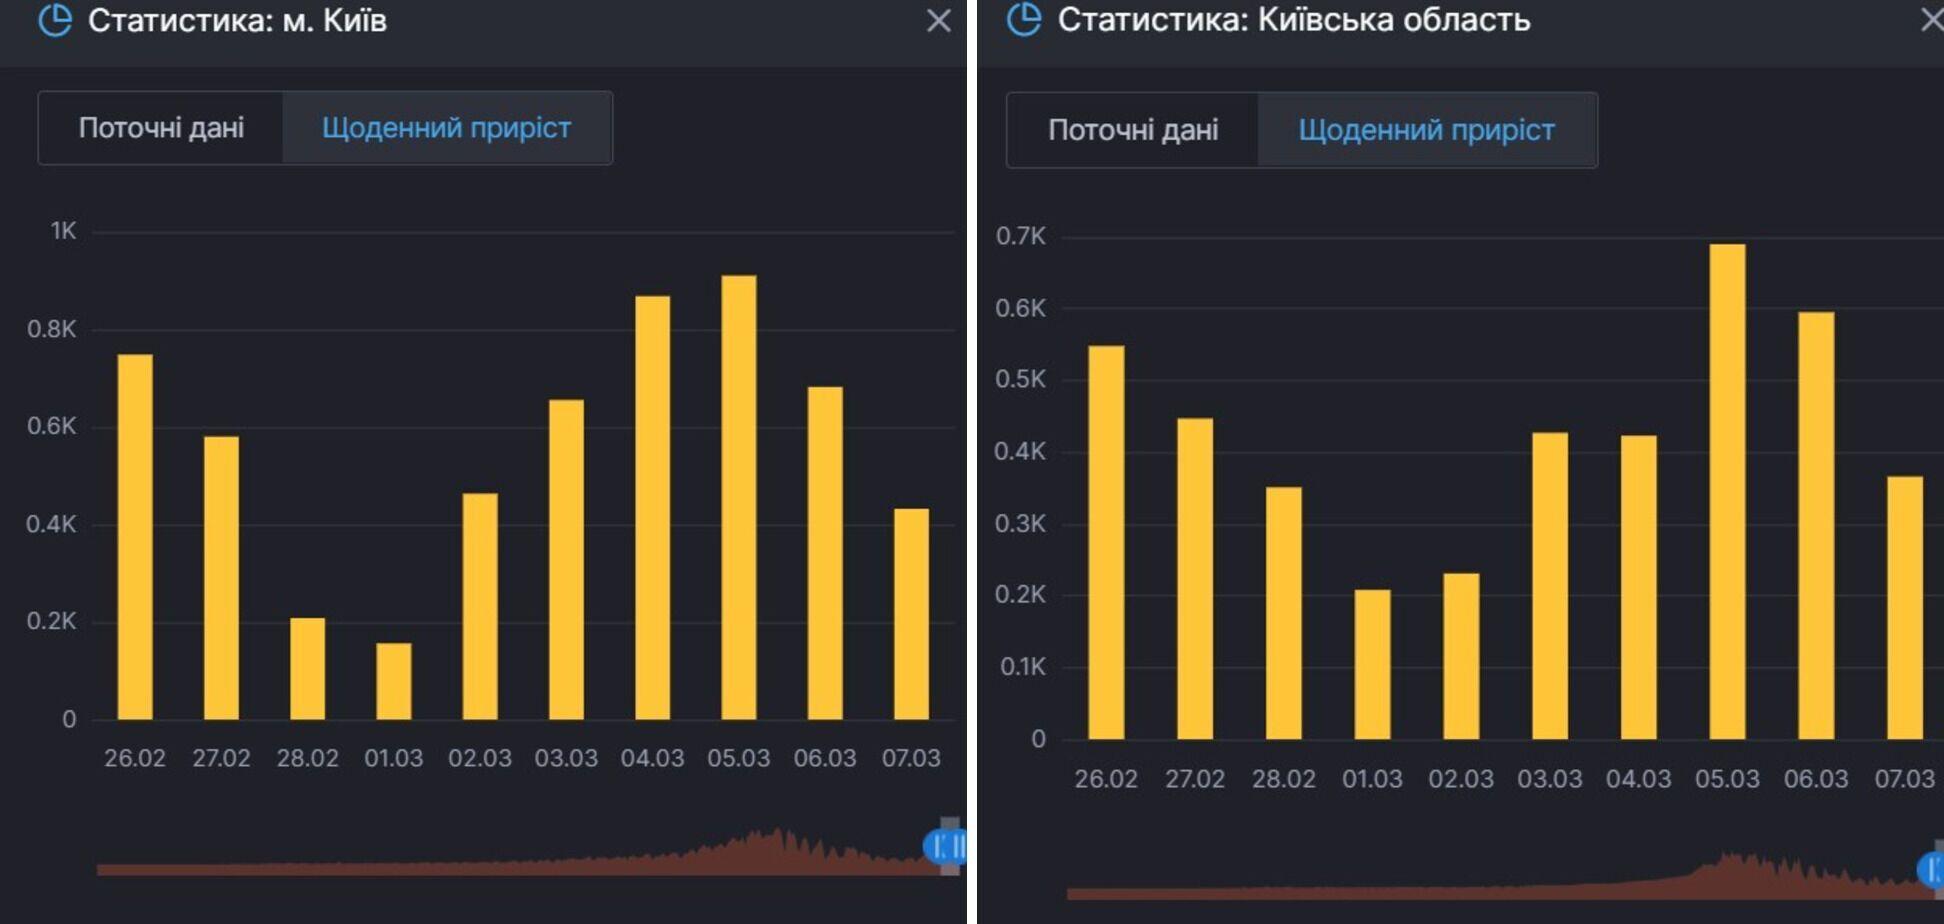 Приріст заражень COVID-19 у Києві та області